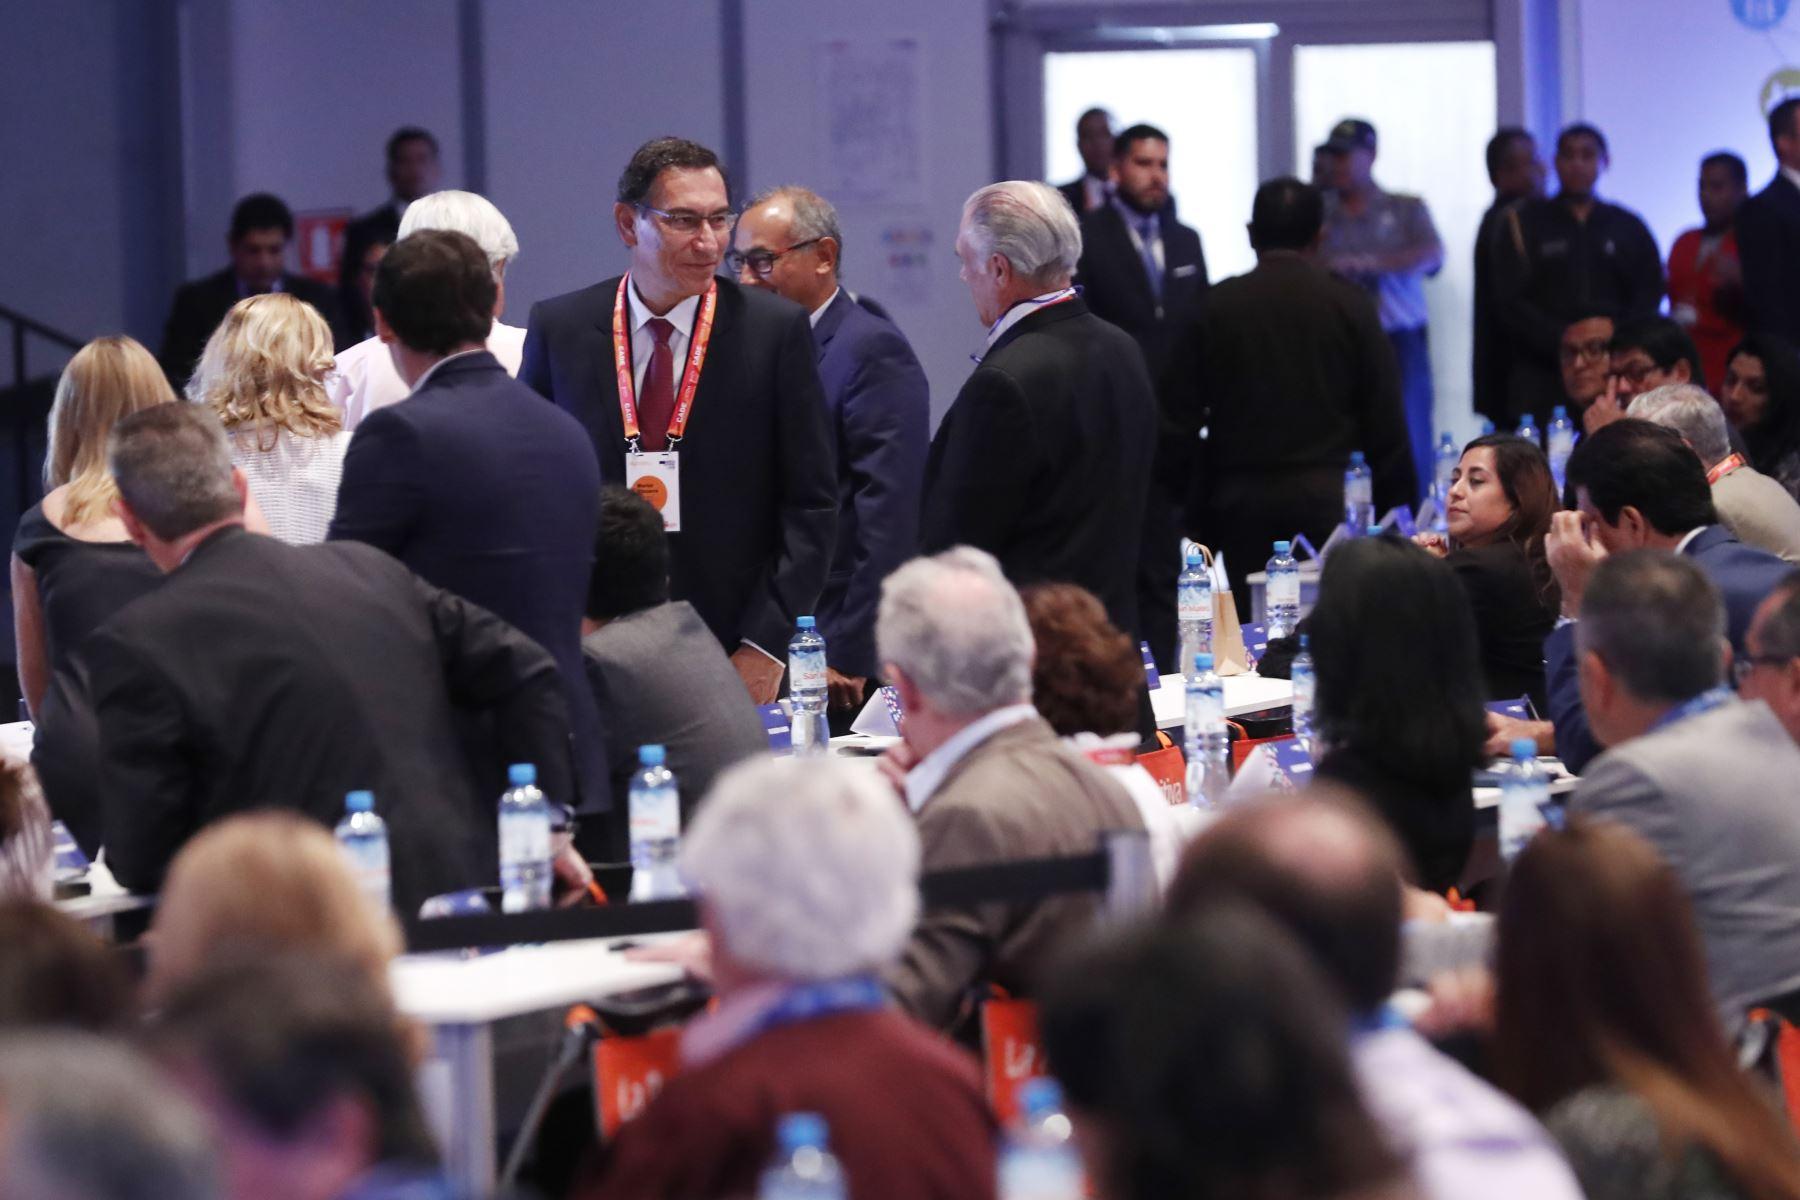 Presidente Vizcarra llega al CADE 2019Foto: ANDINA/Renato Pajuelo